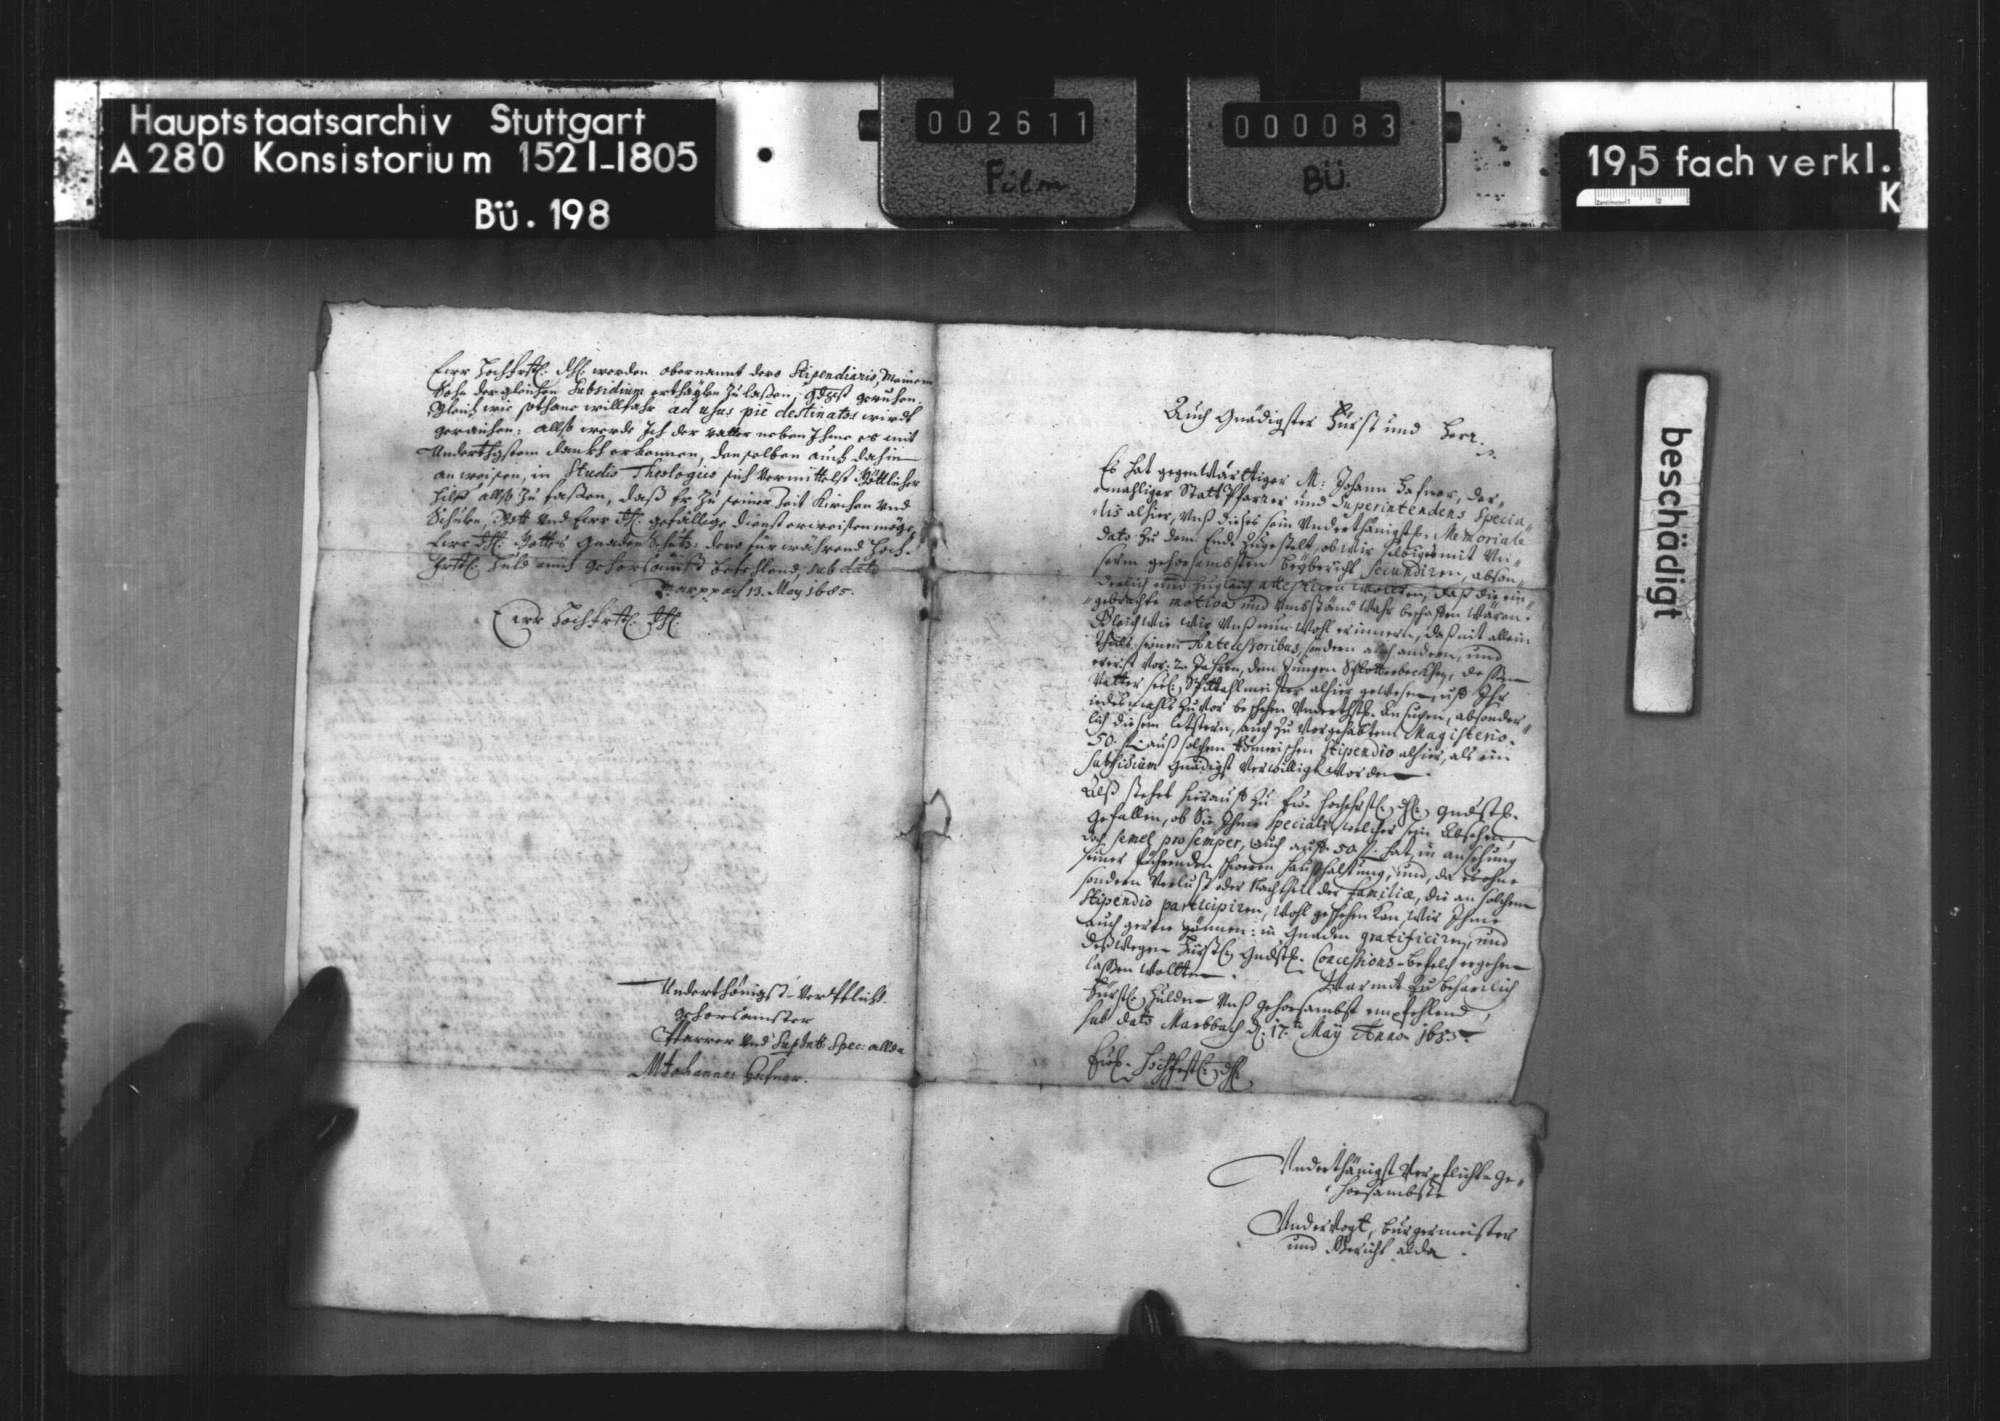 Gesuch des Spezals zu Marbach M. Johannes Hafner mit Beibericht von Bürgrmeister und Gericht zu Marbach betr. Einsetzung von dessen Sohn Johann Bernhardt in den Genuß der Römerstiftung, Bild 3